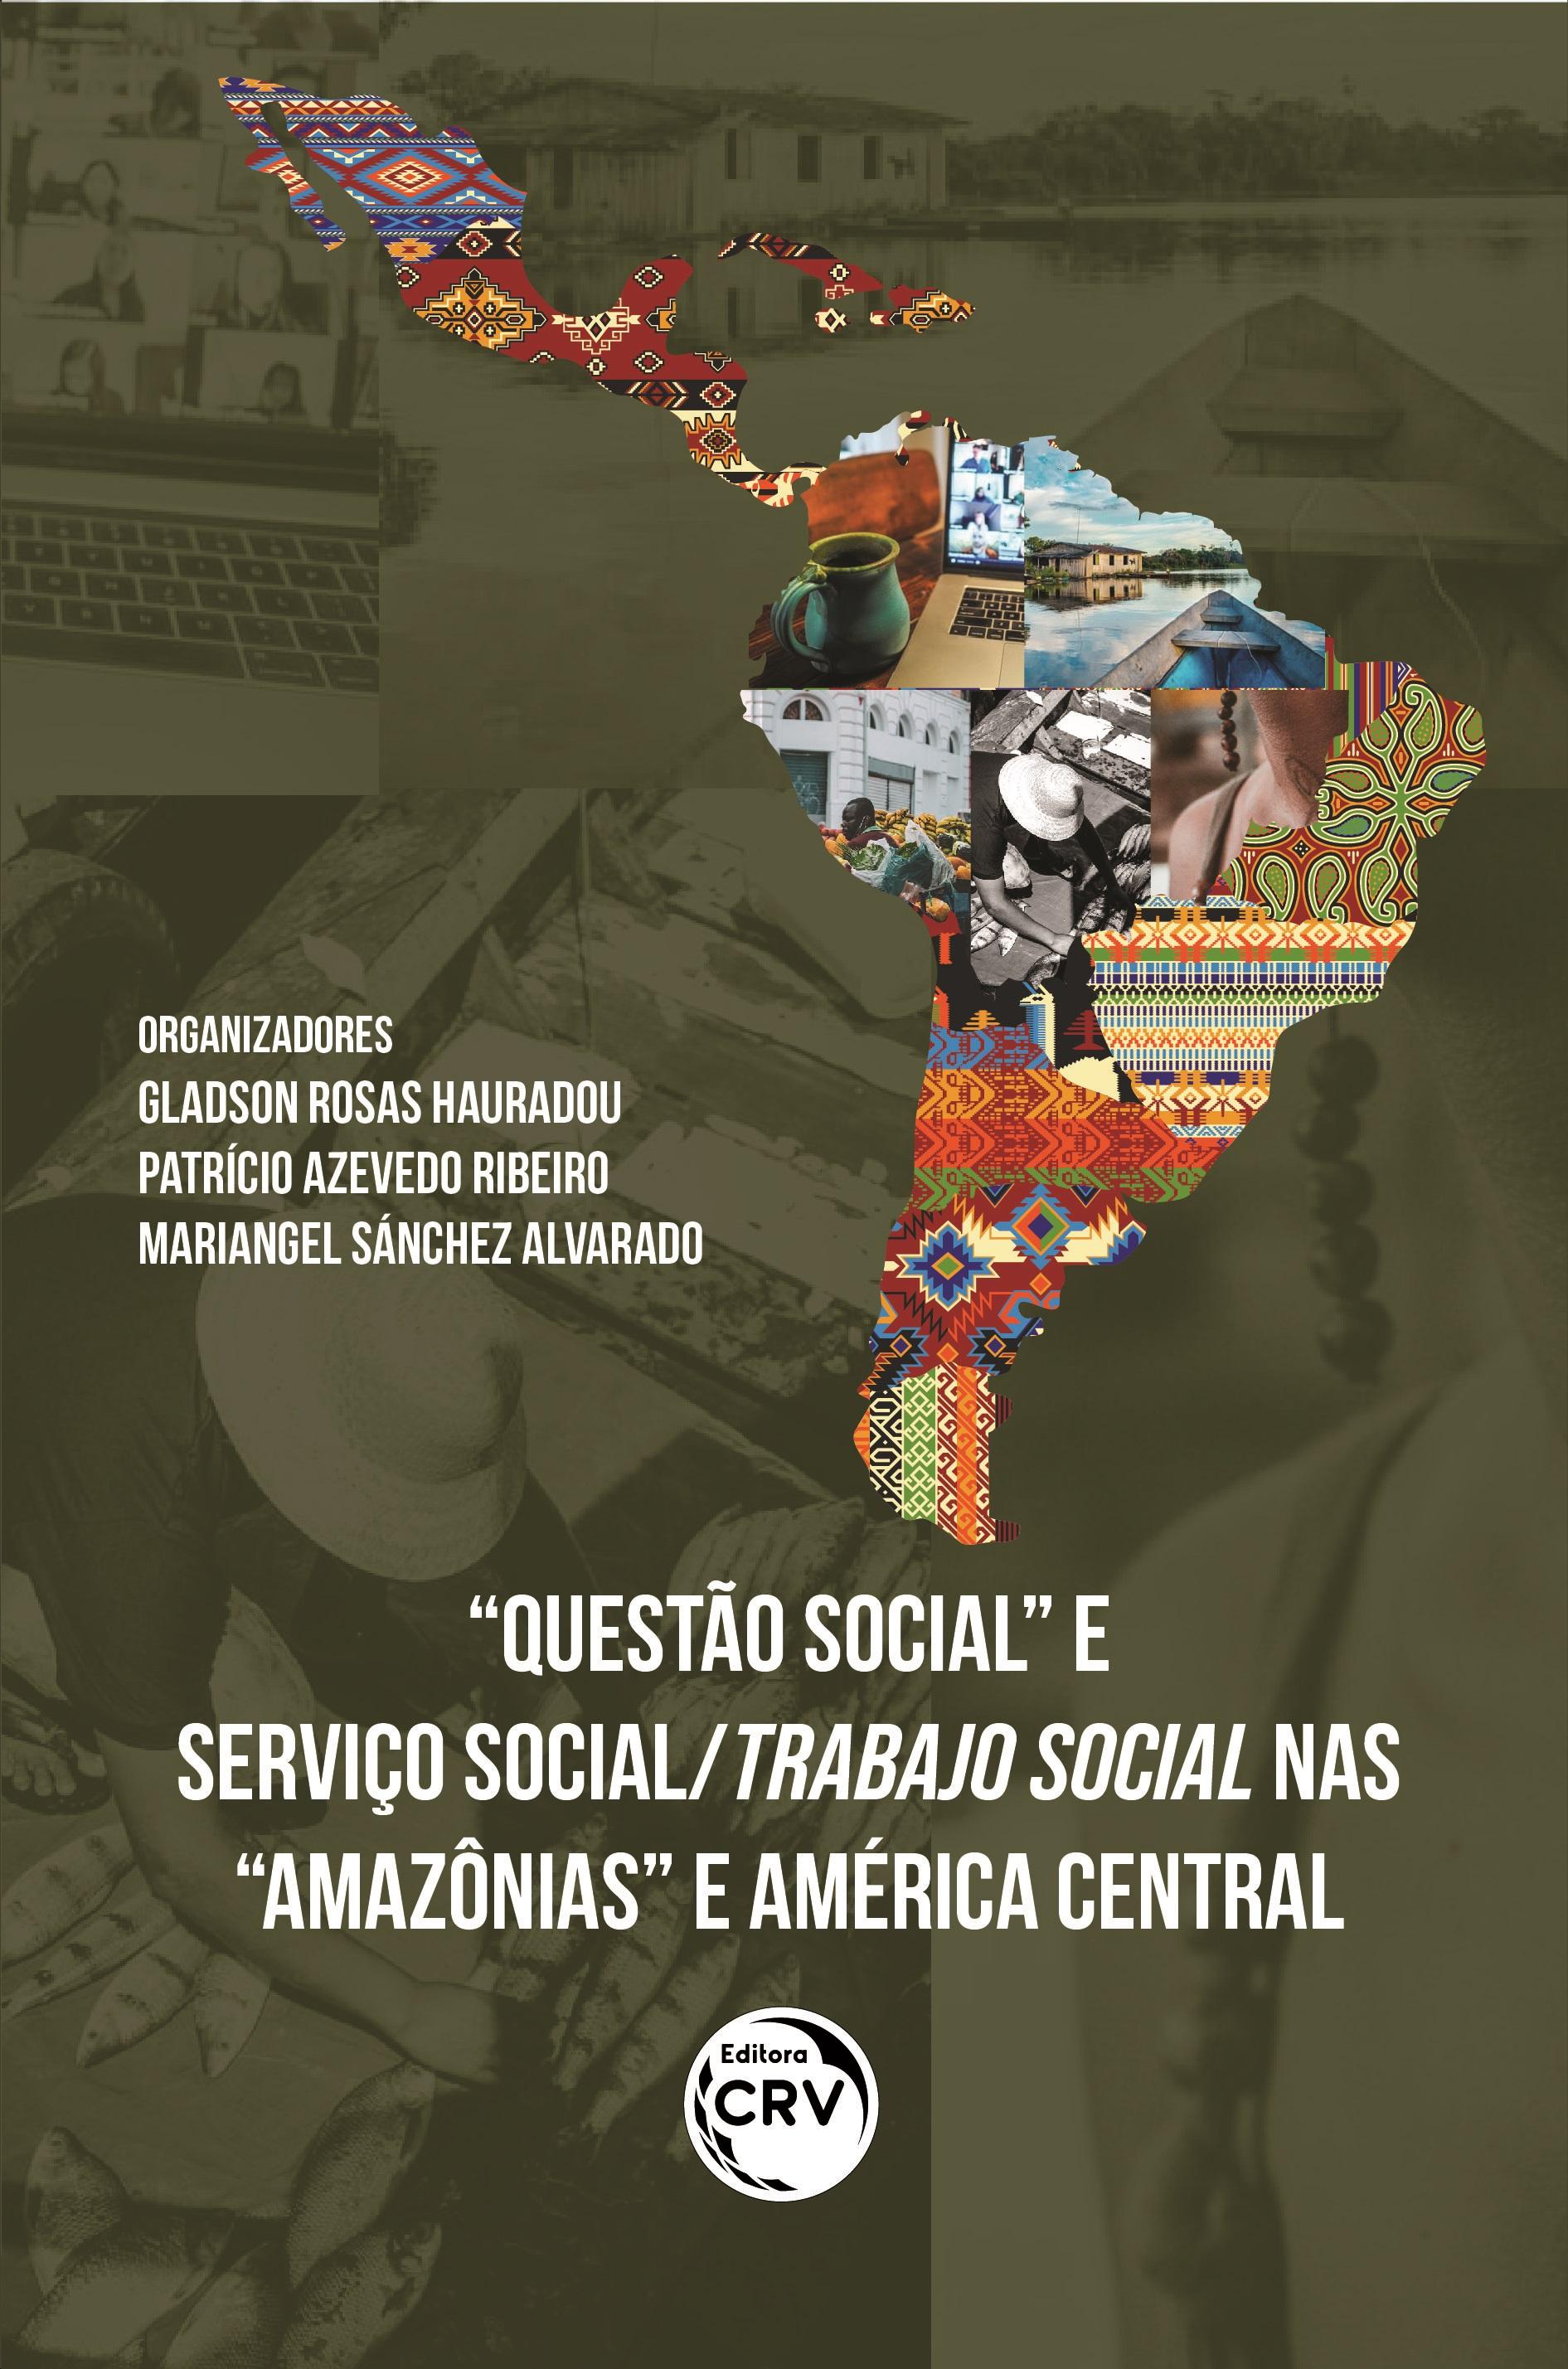 """Capa do livro: """"QUESTÃO SOCIAL"""" E SERVIÇO SOCIAL/TRABAJO SOCIAL NAS """"AMAZÔNIAS"""" E AMÉRICA CENTRAL <br> <br>contradições e estratégias de enfrentamento sob a lógica do capital"""